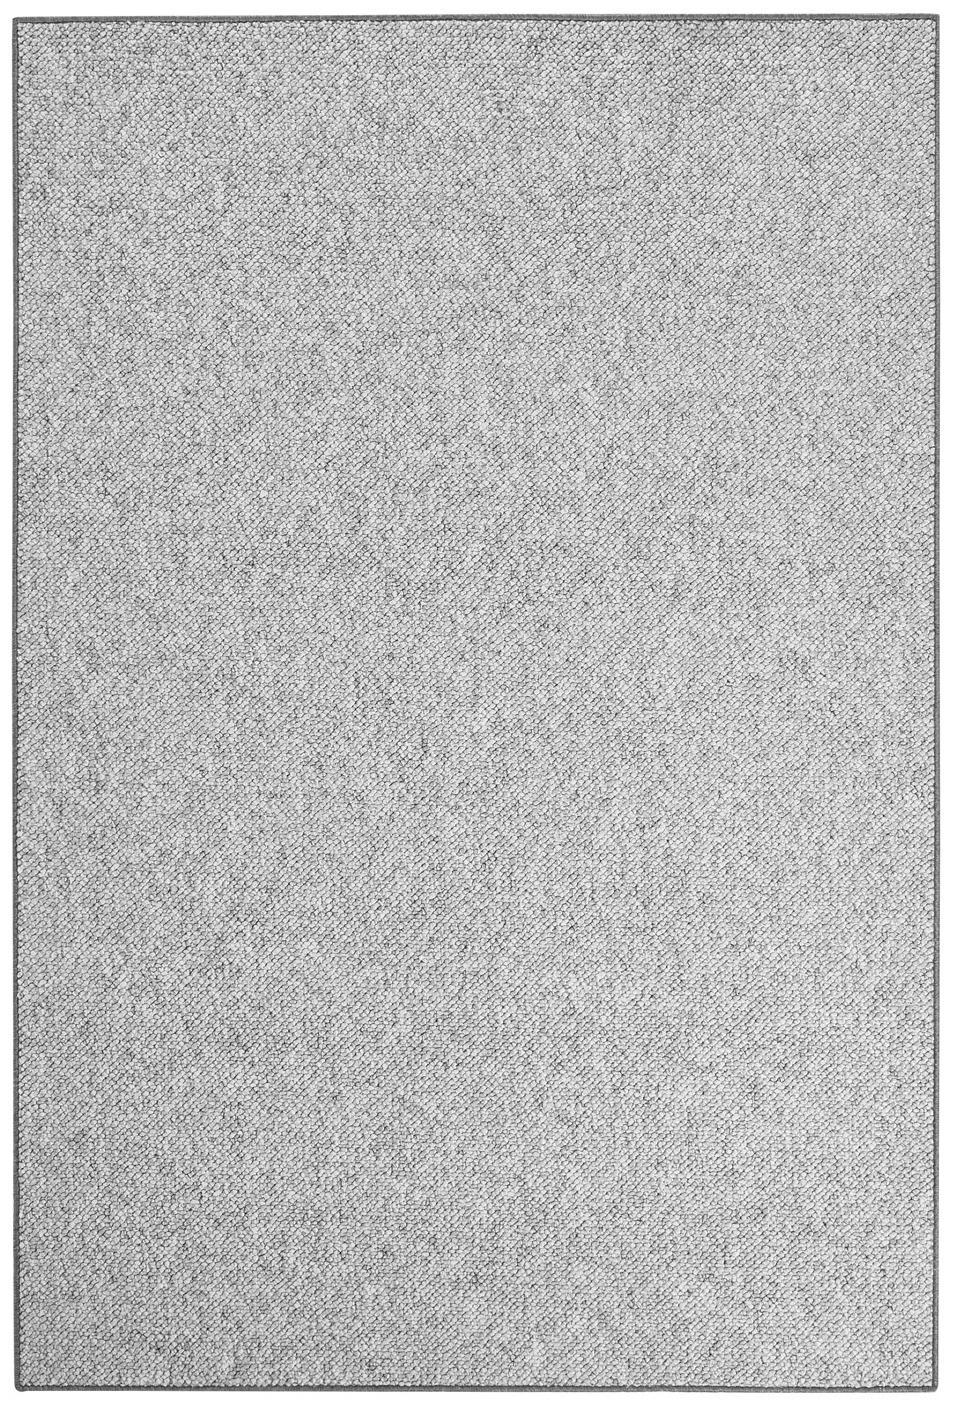 Teppich Lyon mit Schlingen-Flor, Flor: 100% Polypropylen Rücken, Grau, melangiert, B 100 x L 140 cm (Grösse XS)